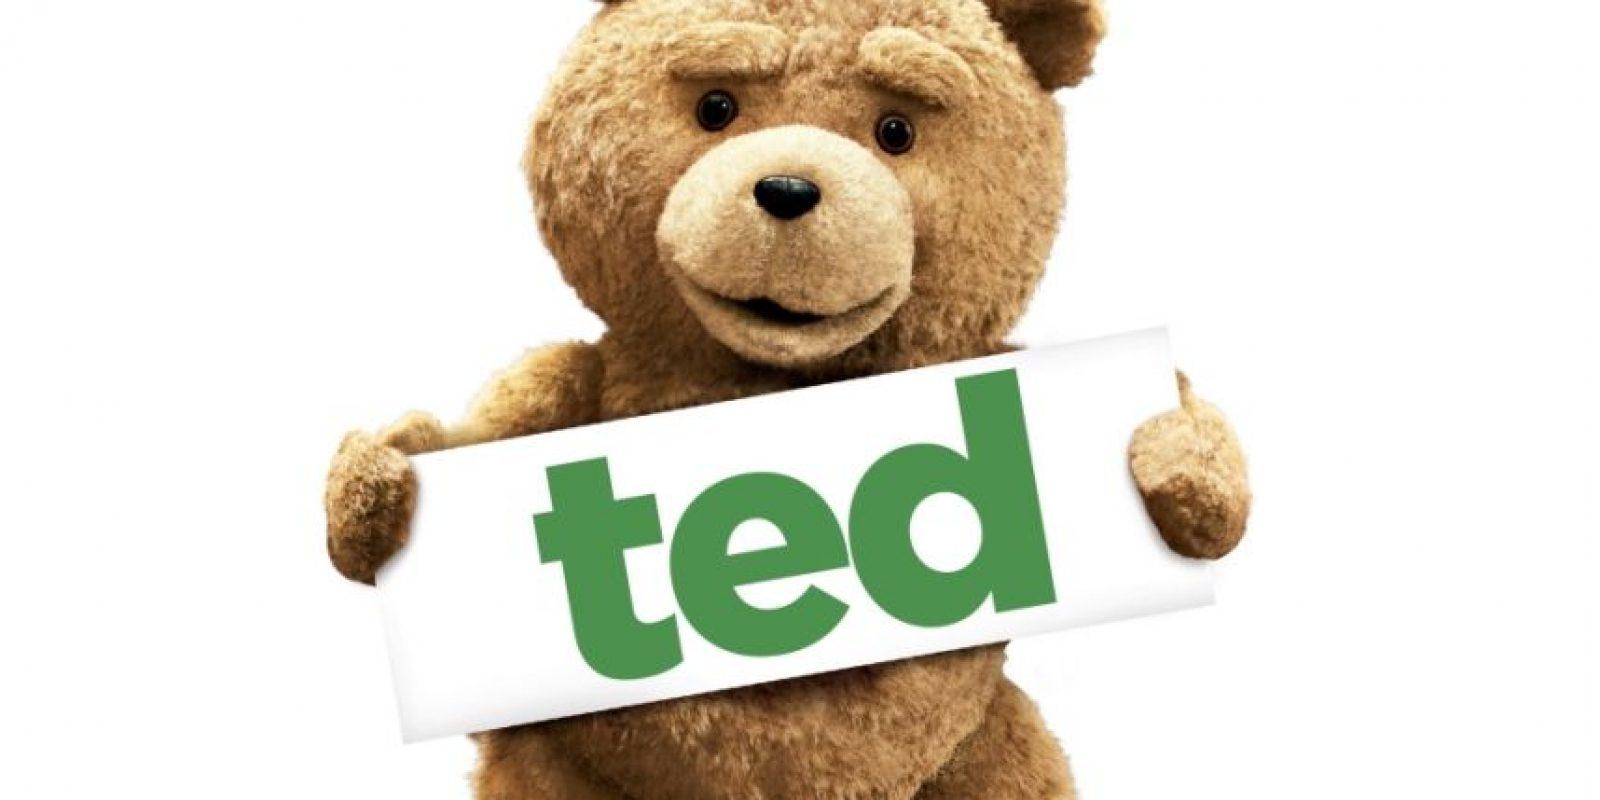 'Ted' Nadie creía en este oso de felpa que distaba de la ternura y se iba más por el lado rocambolesco y calavera de la vida, pero lo logró. 'Ted' se comió la taquilla recaudando aproxima-damente 218 millones de dólares, y demostró que los ositos amorosos están mandados a recoger.